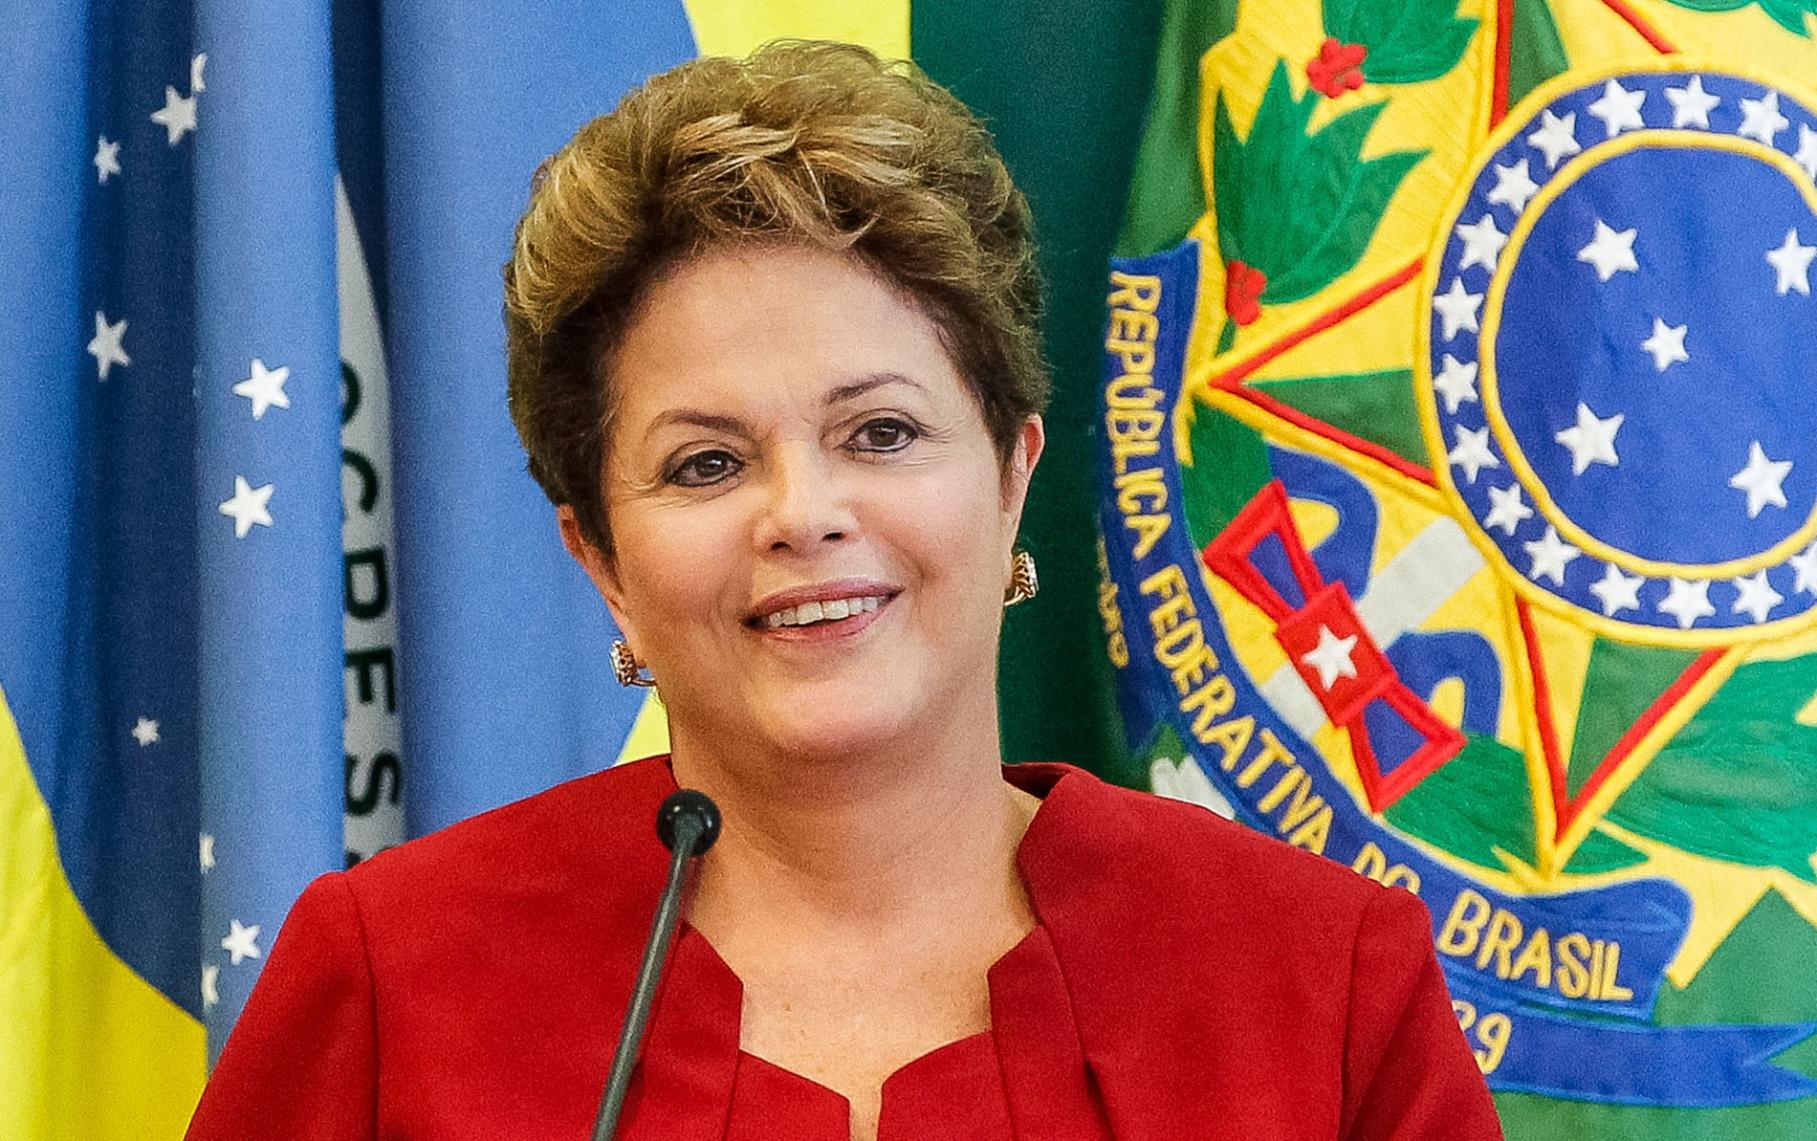 PSDB quer pedir cassação da candidatura de Dilma por polêmica com Correios, diz Veja